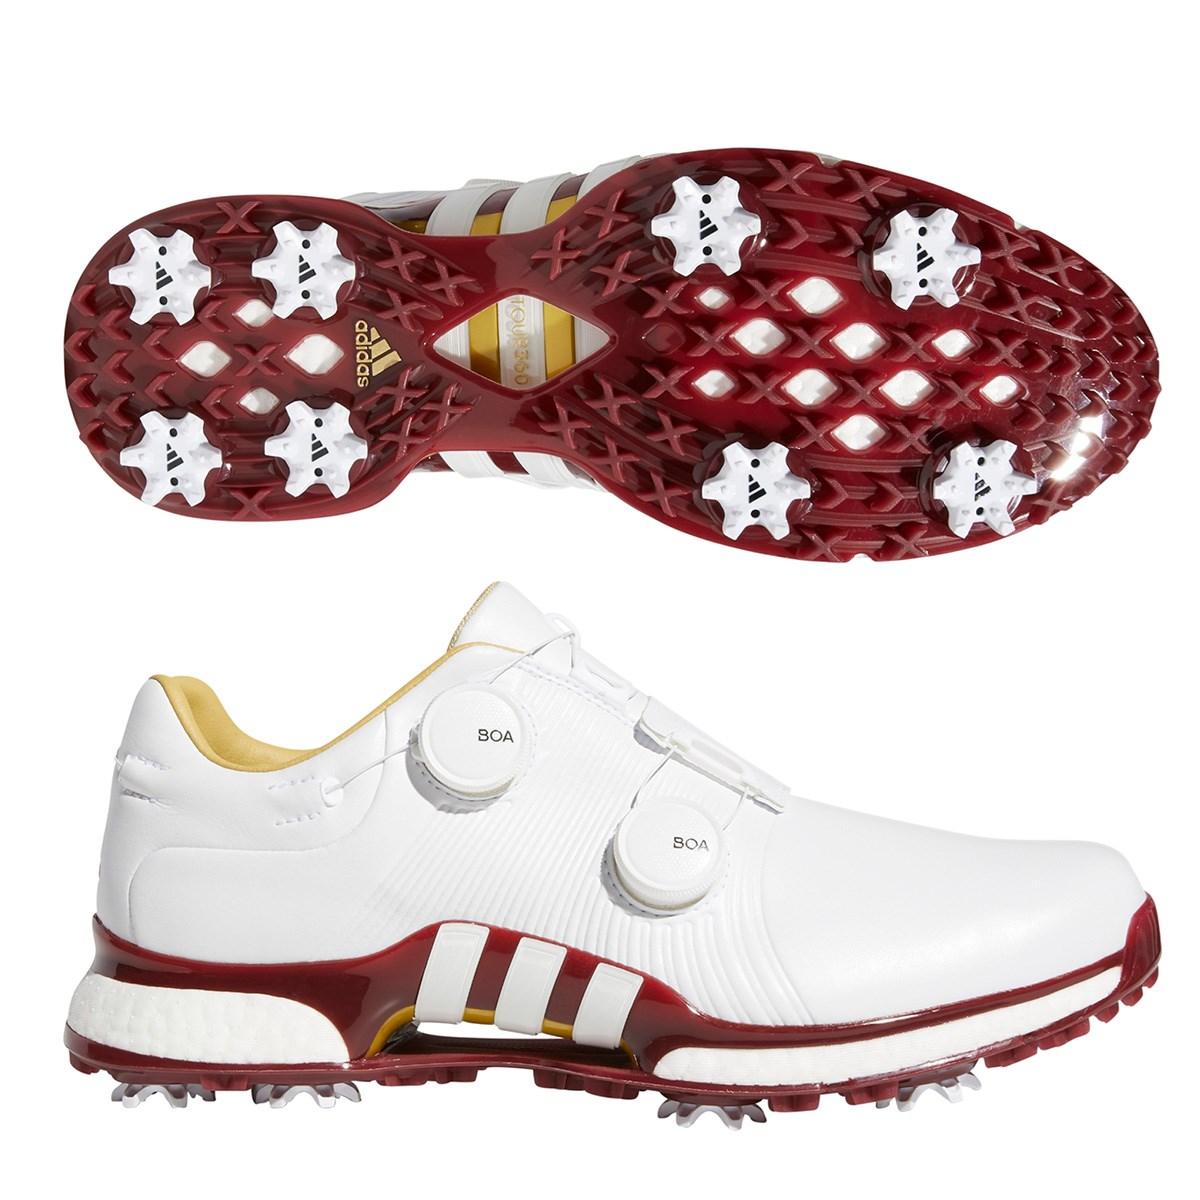 アディダス Adidas ツアー360 XT ツイン ボア シューズ 27cm ホワイト/ホワイト/カレジエイトバーガンディー